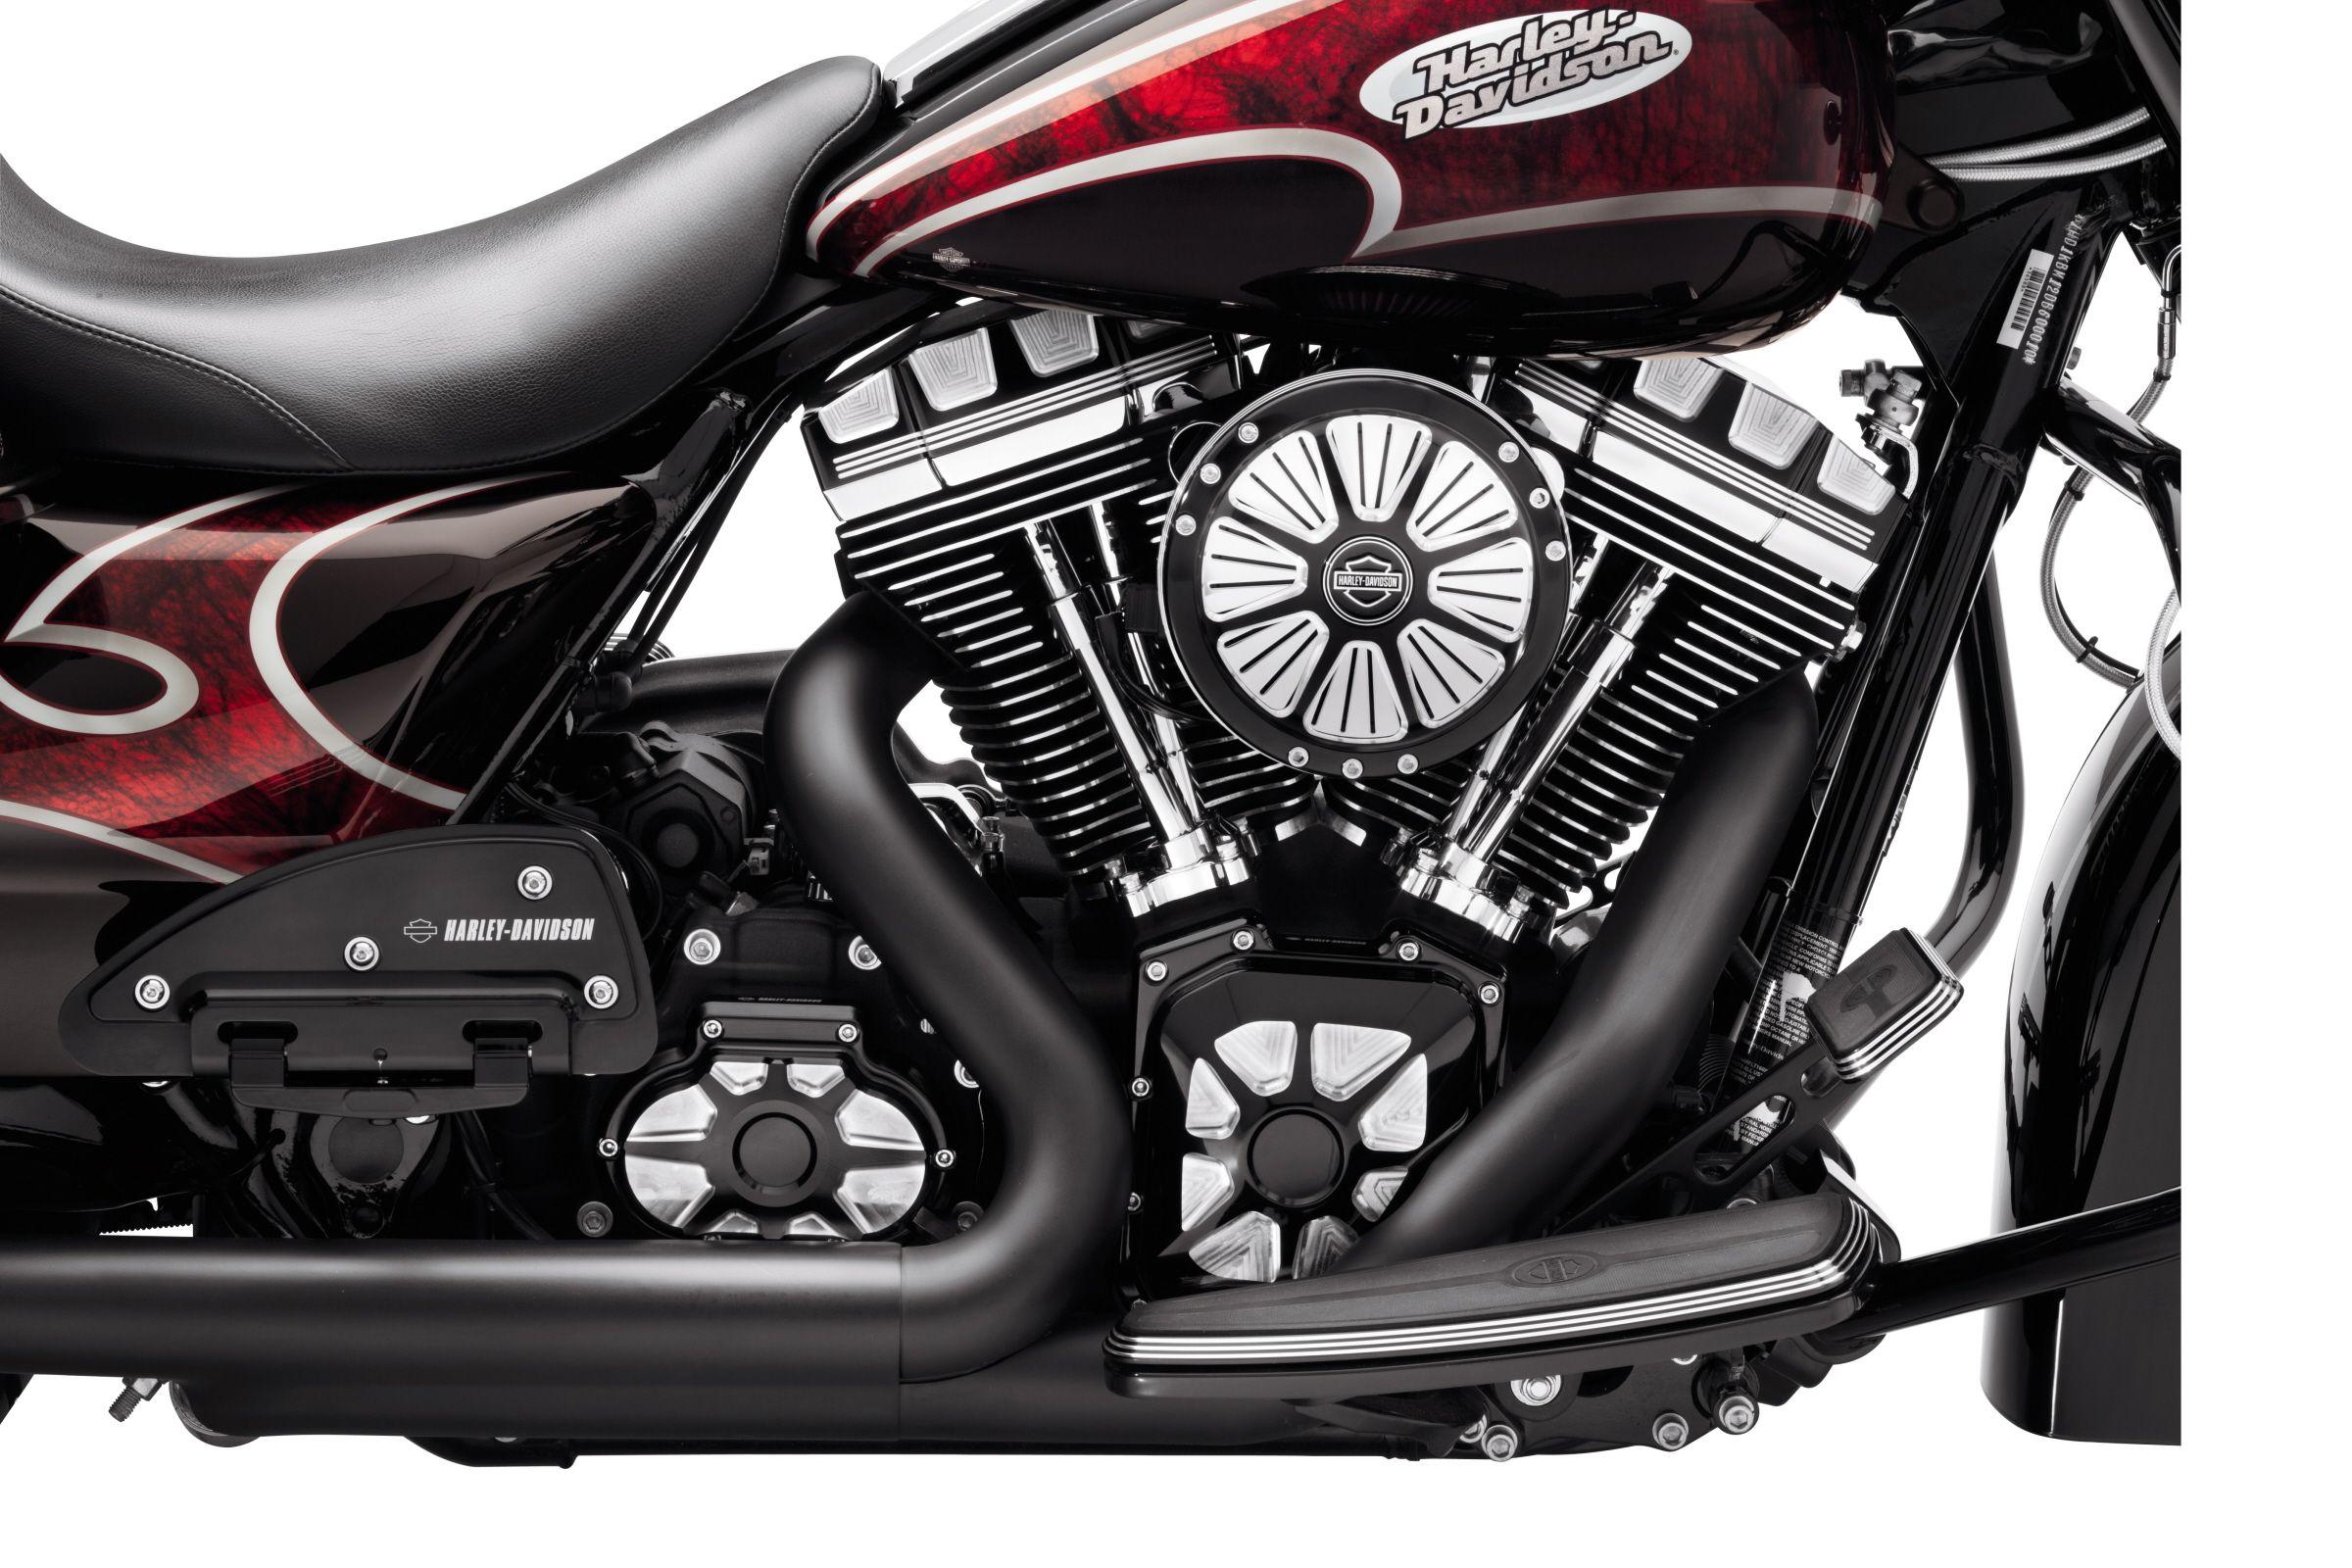 Burst Transmission Side Cover Bike Gear Harley Davidson Motorcycle